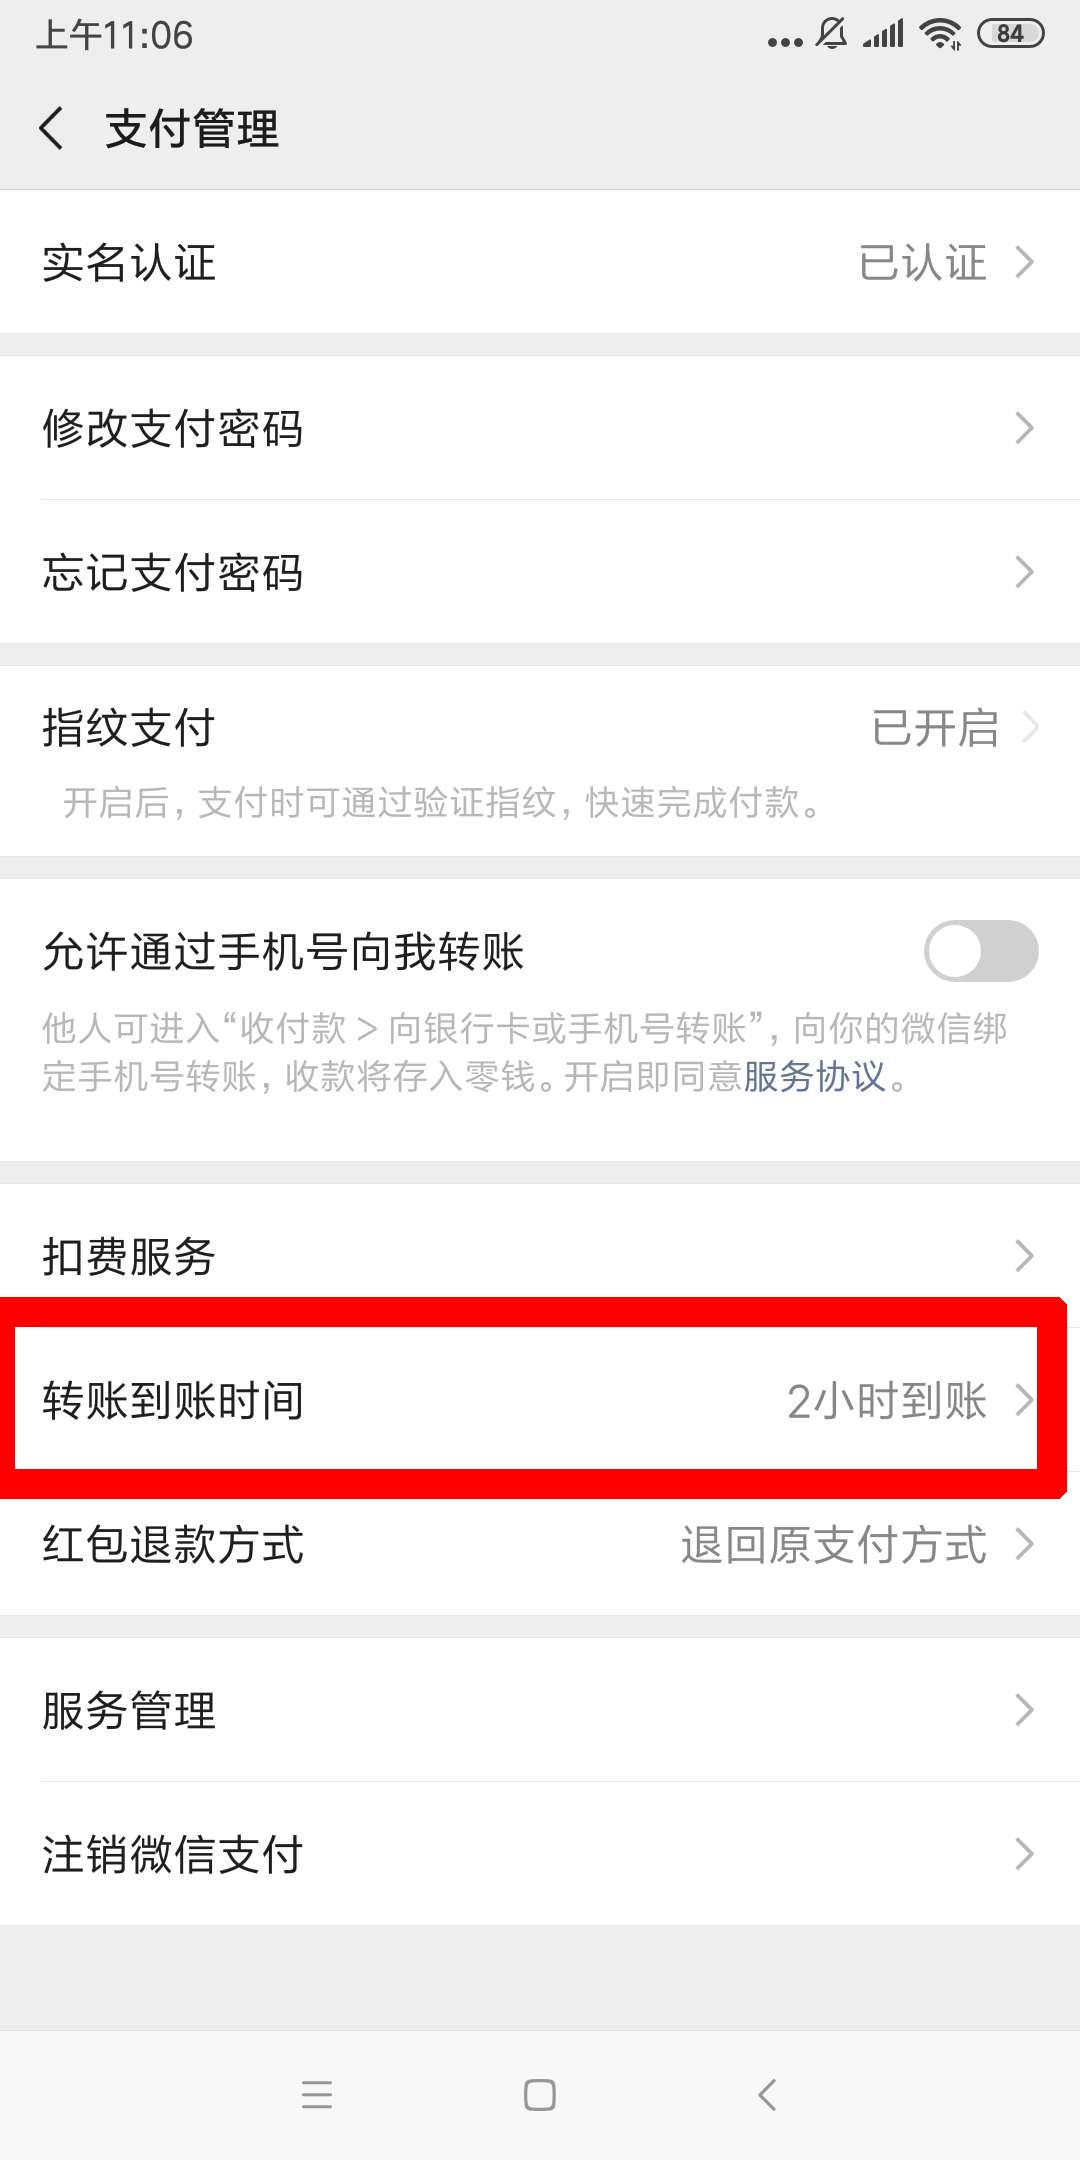 微信轉賬待入賬是什么意思(已收錢待入賬能撤回嗎)